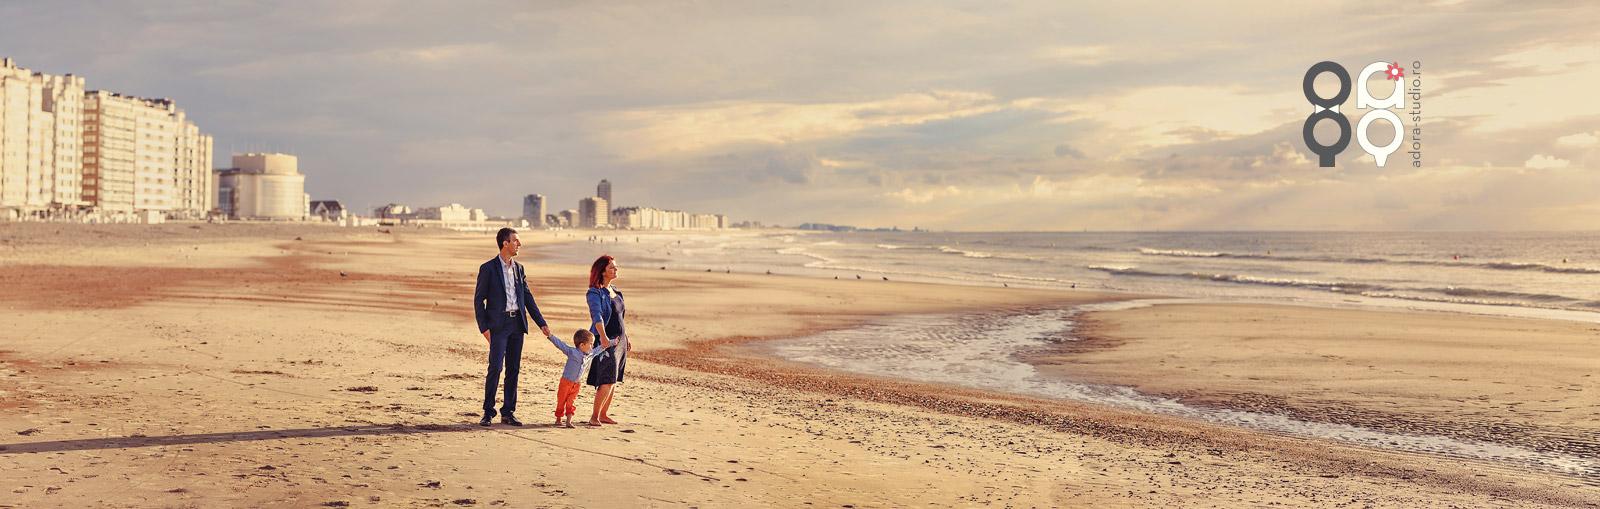 sesiune foto la marea nordului